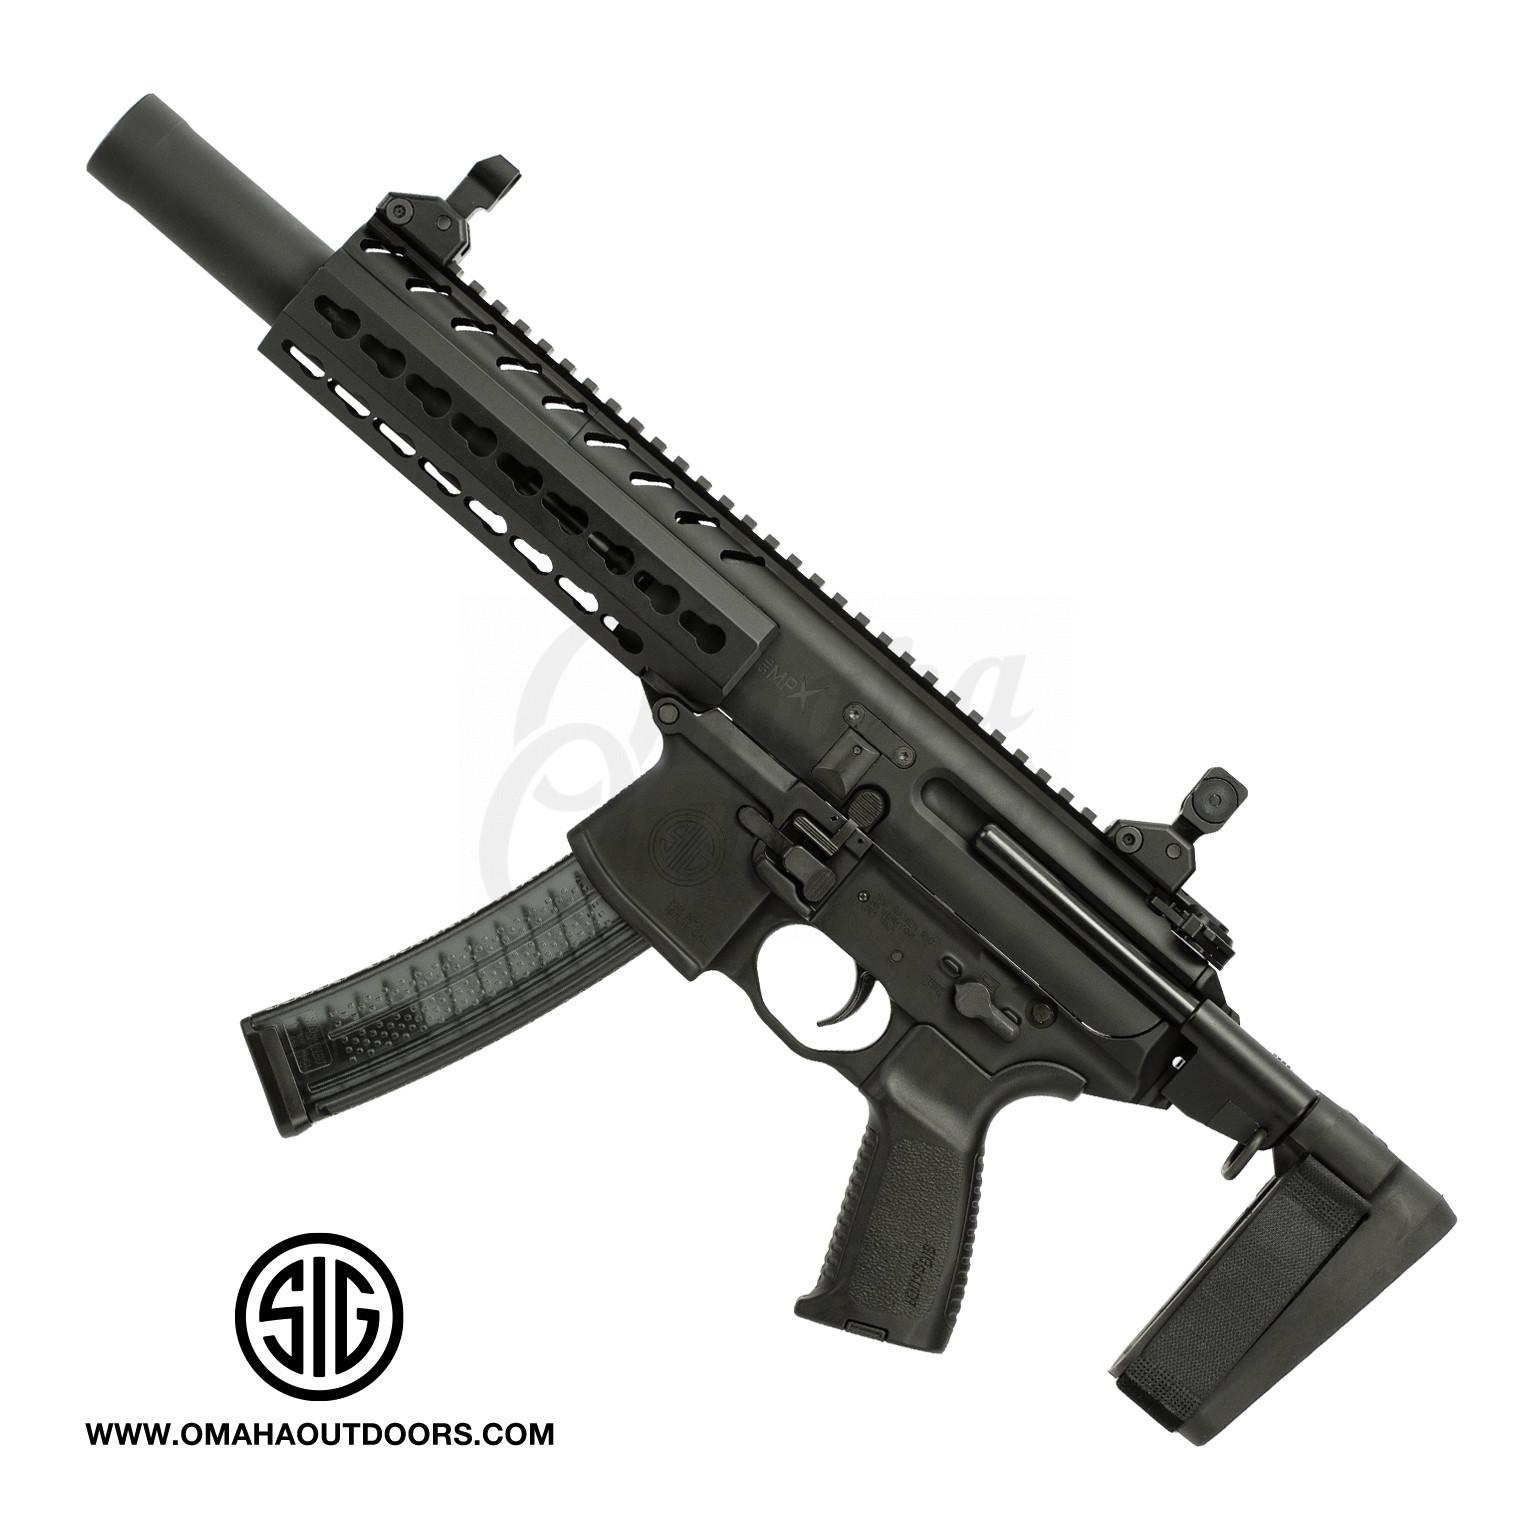 Sig Sauer MPX K PSB Tacops Rifle Style Pistol 4 5″ 9mm 30 RD KeyMod  MPX-K-9-KM-TACOPS-PSB